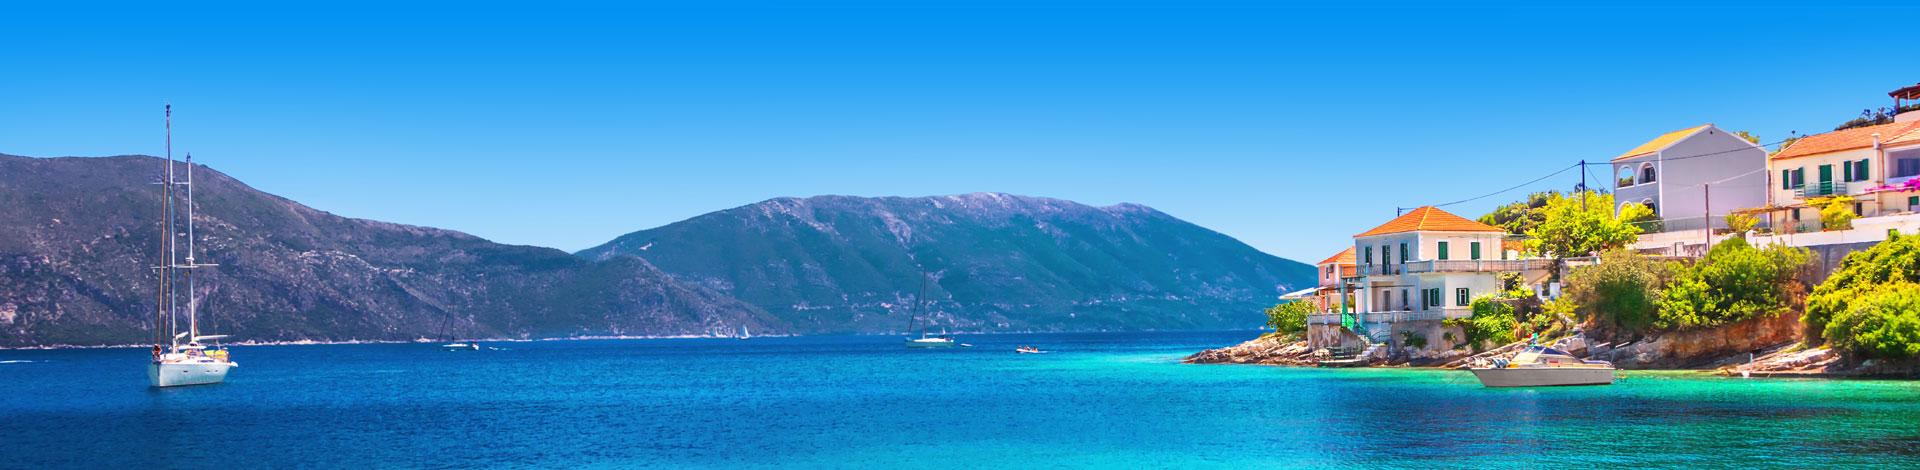 Uitzicht over turqoise helderblauwe zee met bootje en kust met Griekse huisjes in Griekenland